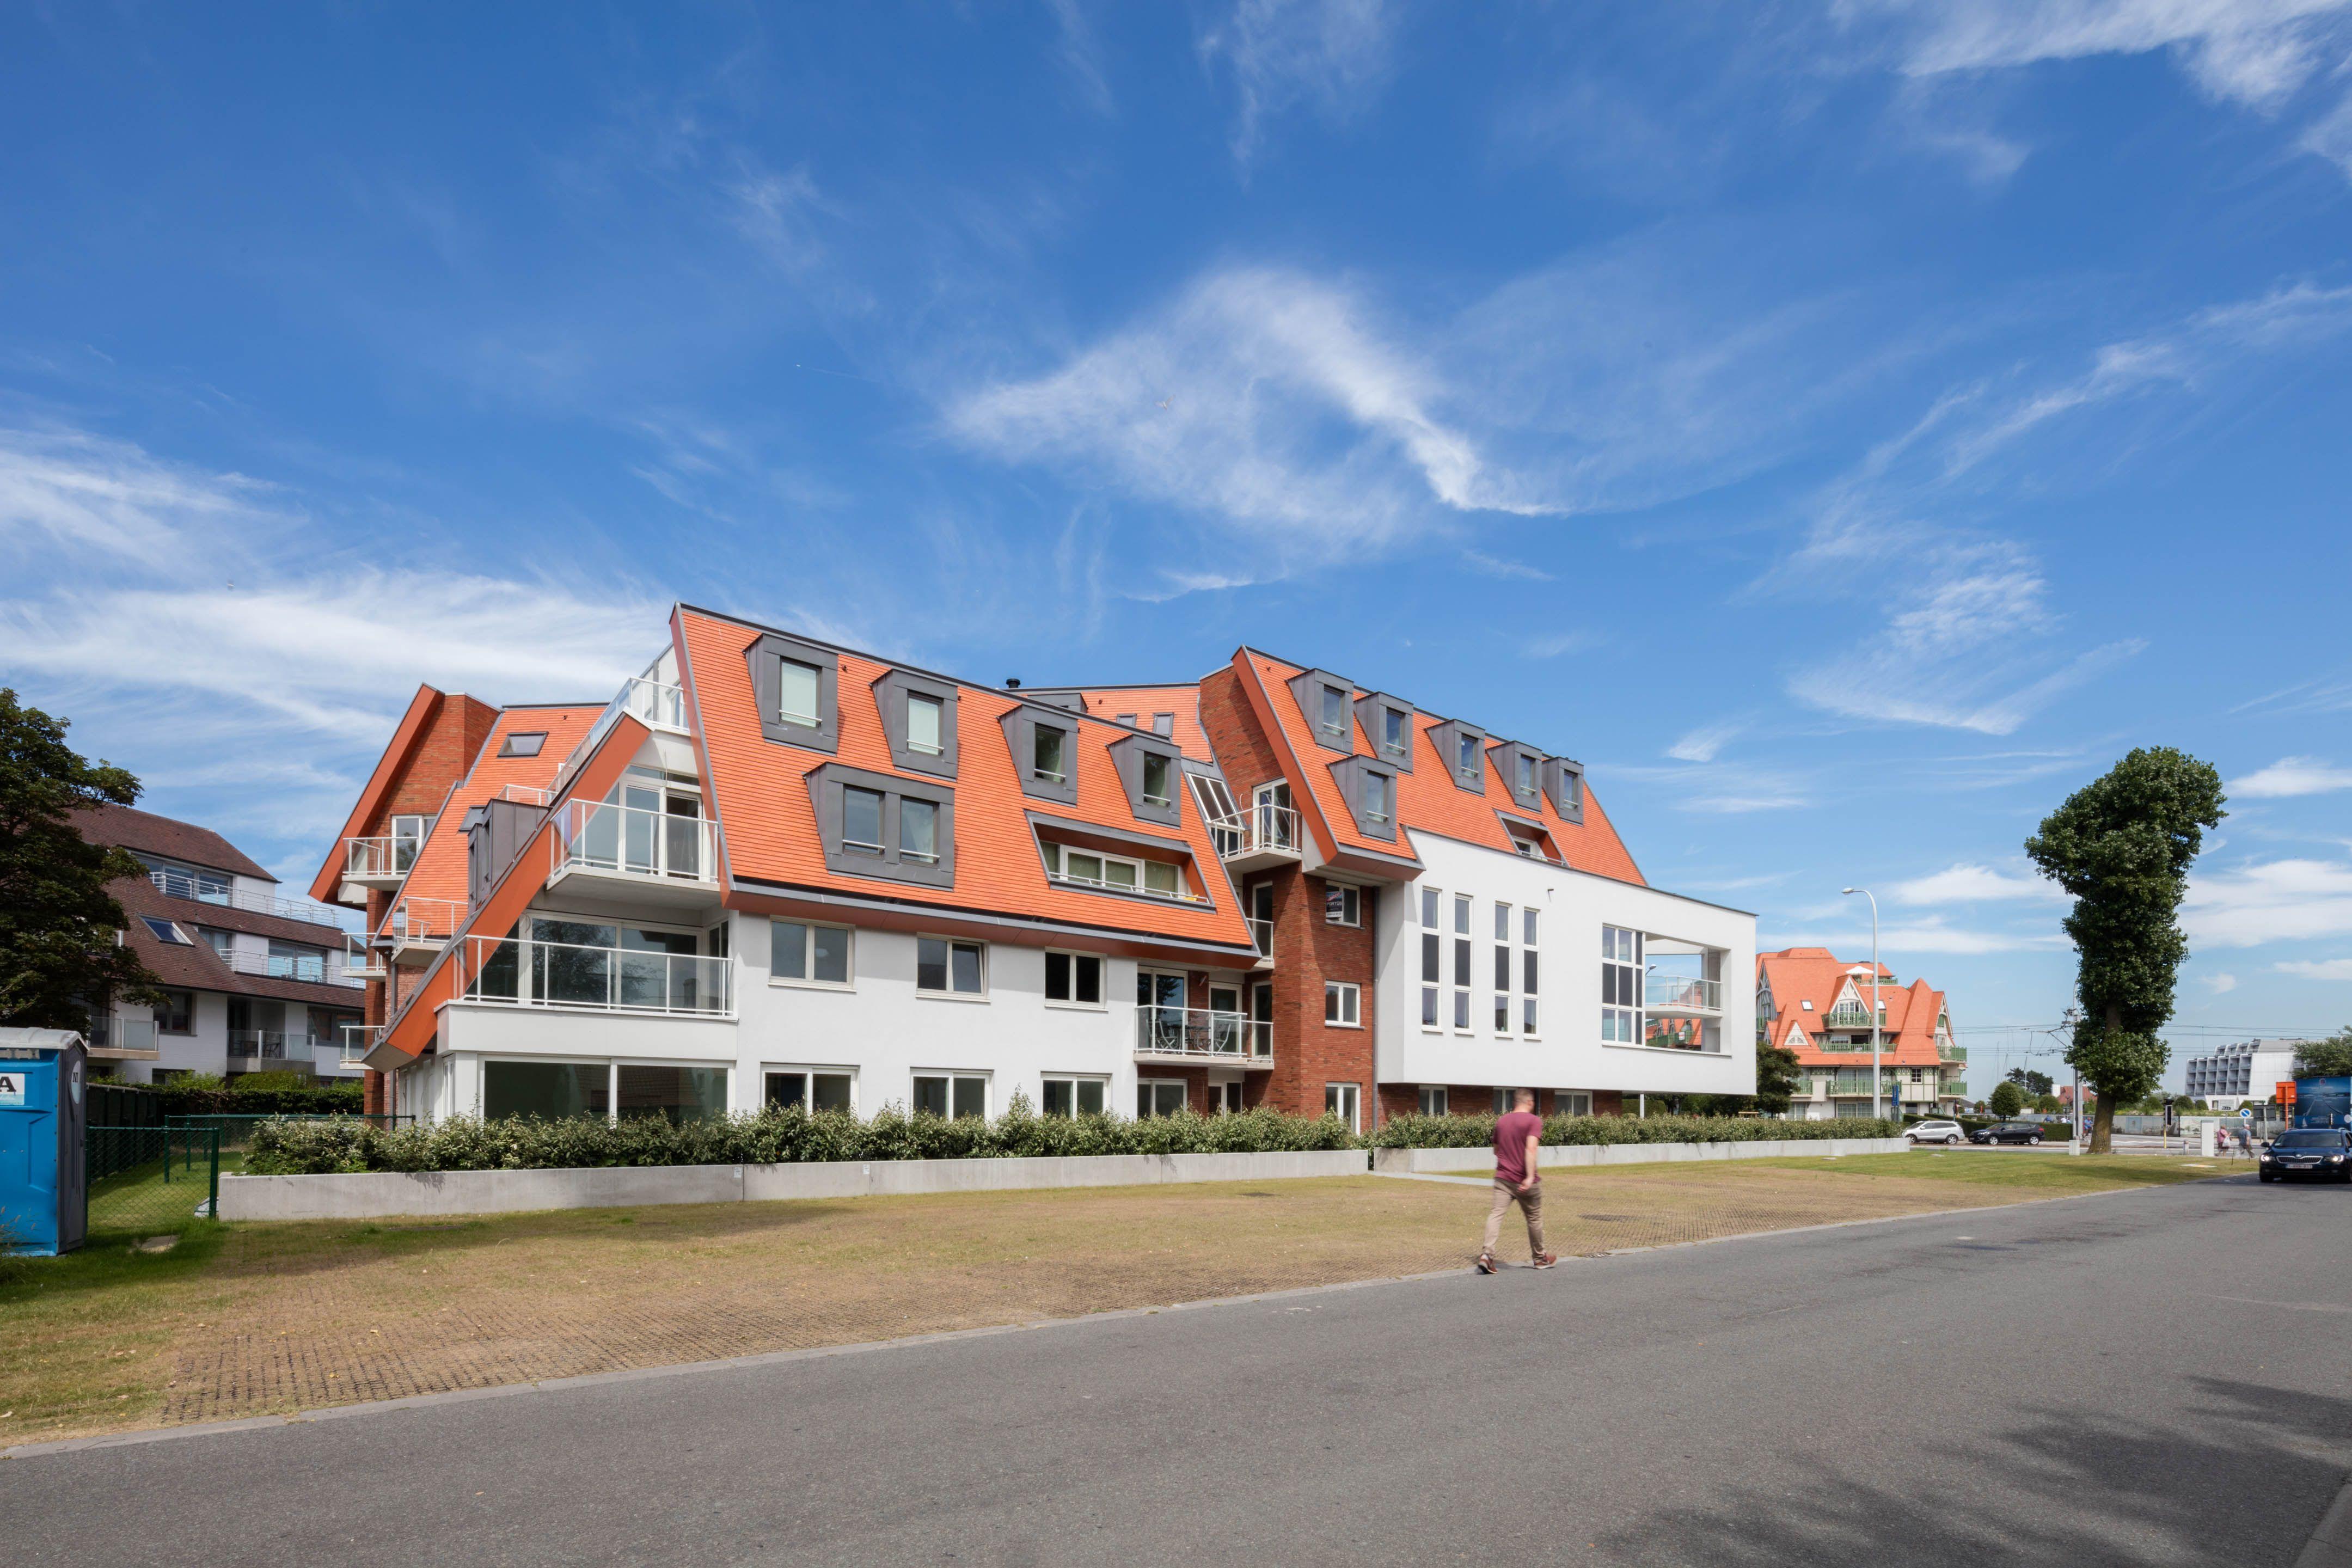 Appartement Residentie Villa Crombez Nieuwpoort - 8398